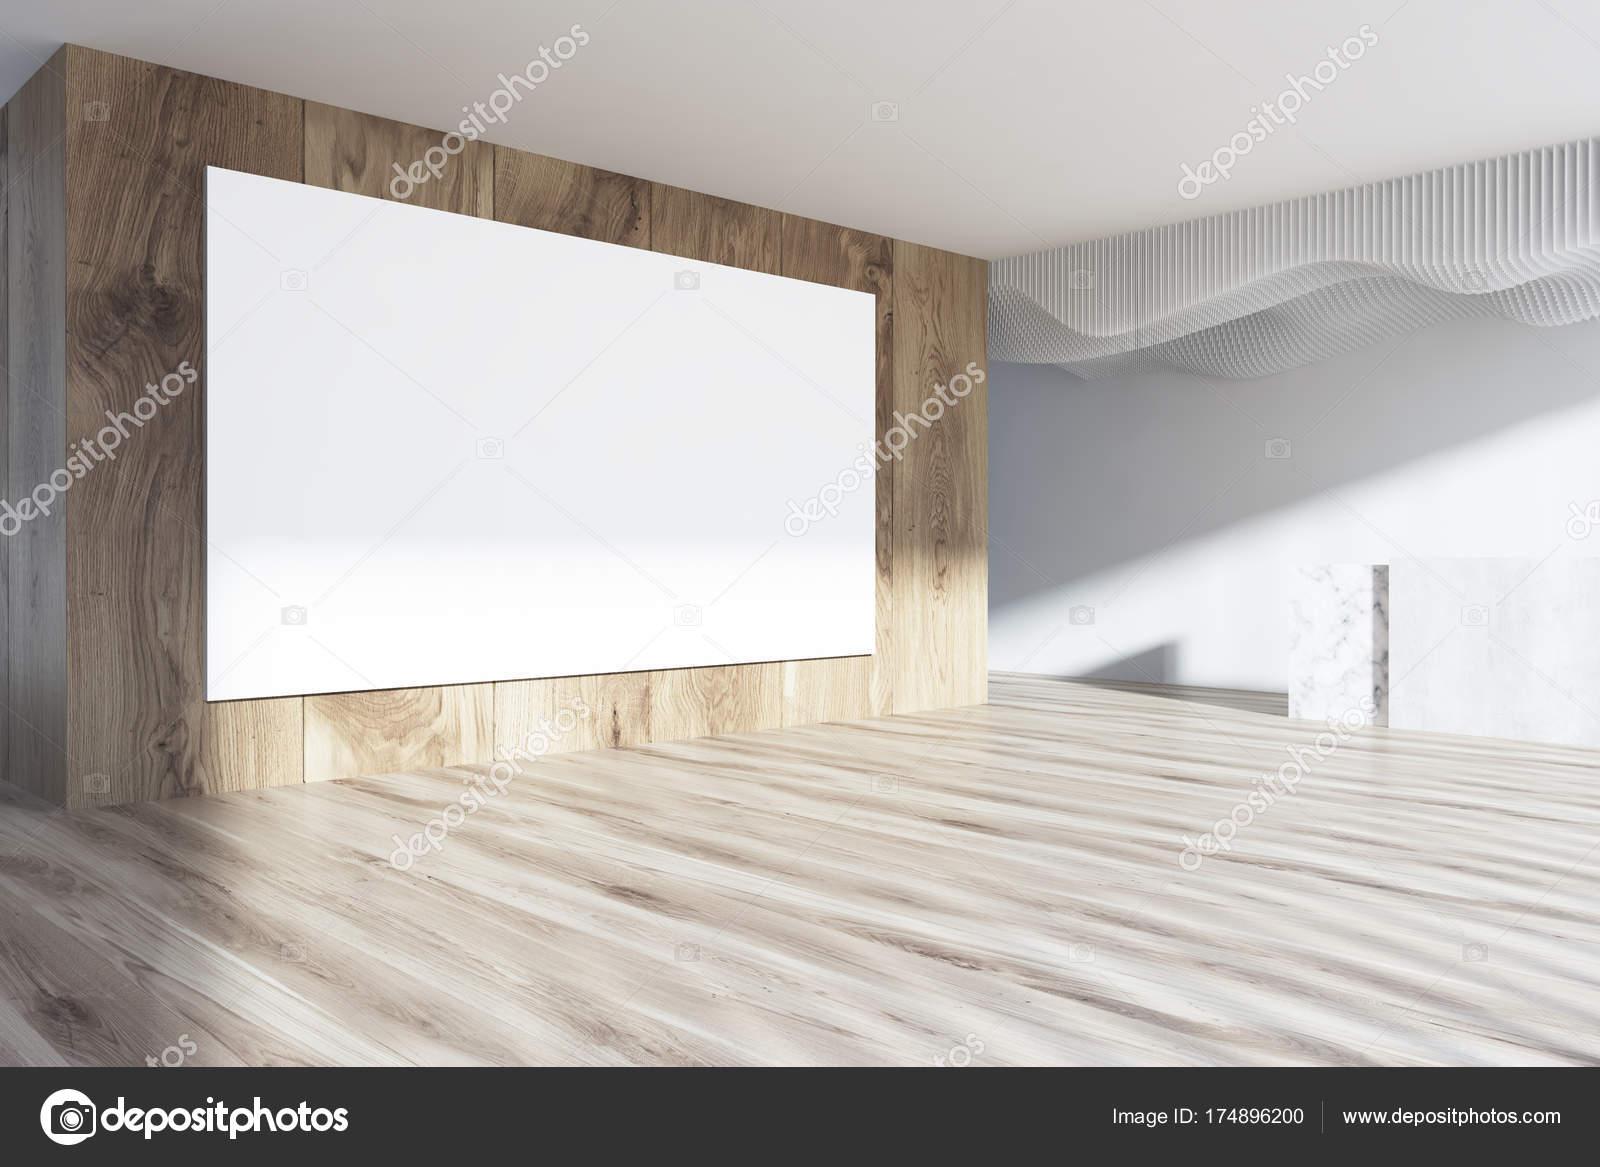 Ufficio Bianco E Legno : Poster di lato sala ricevimento bianco e legno u foto stock